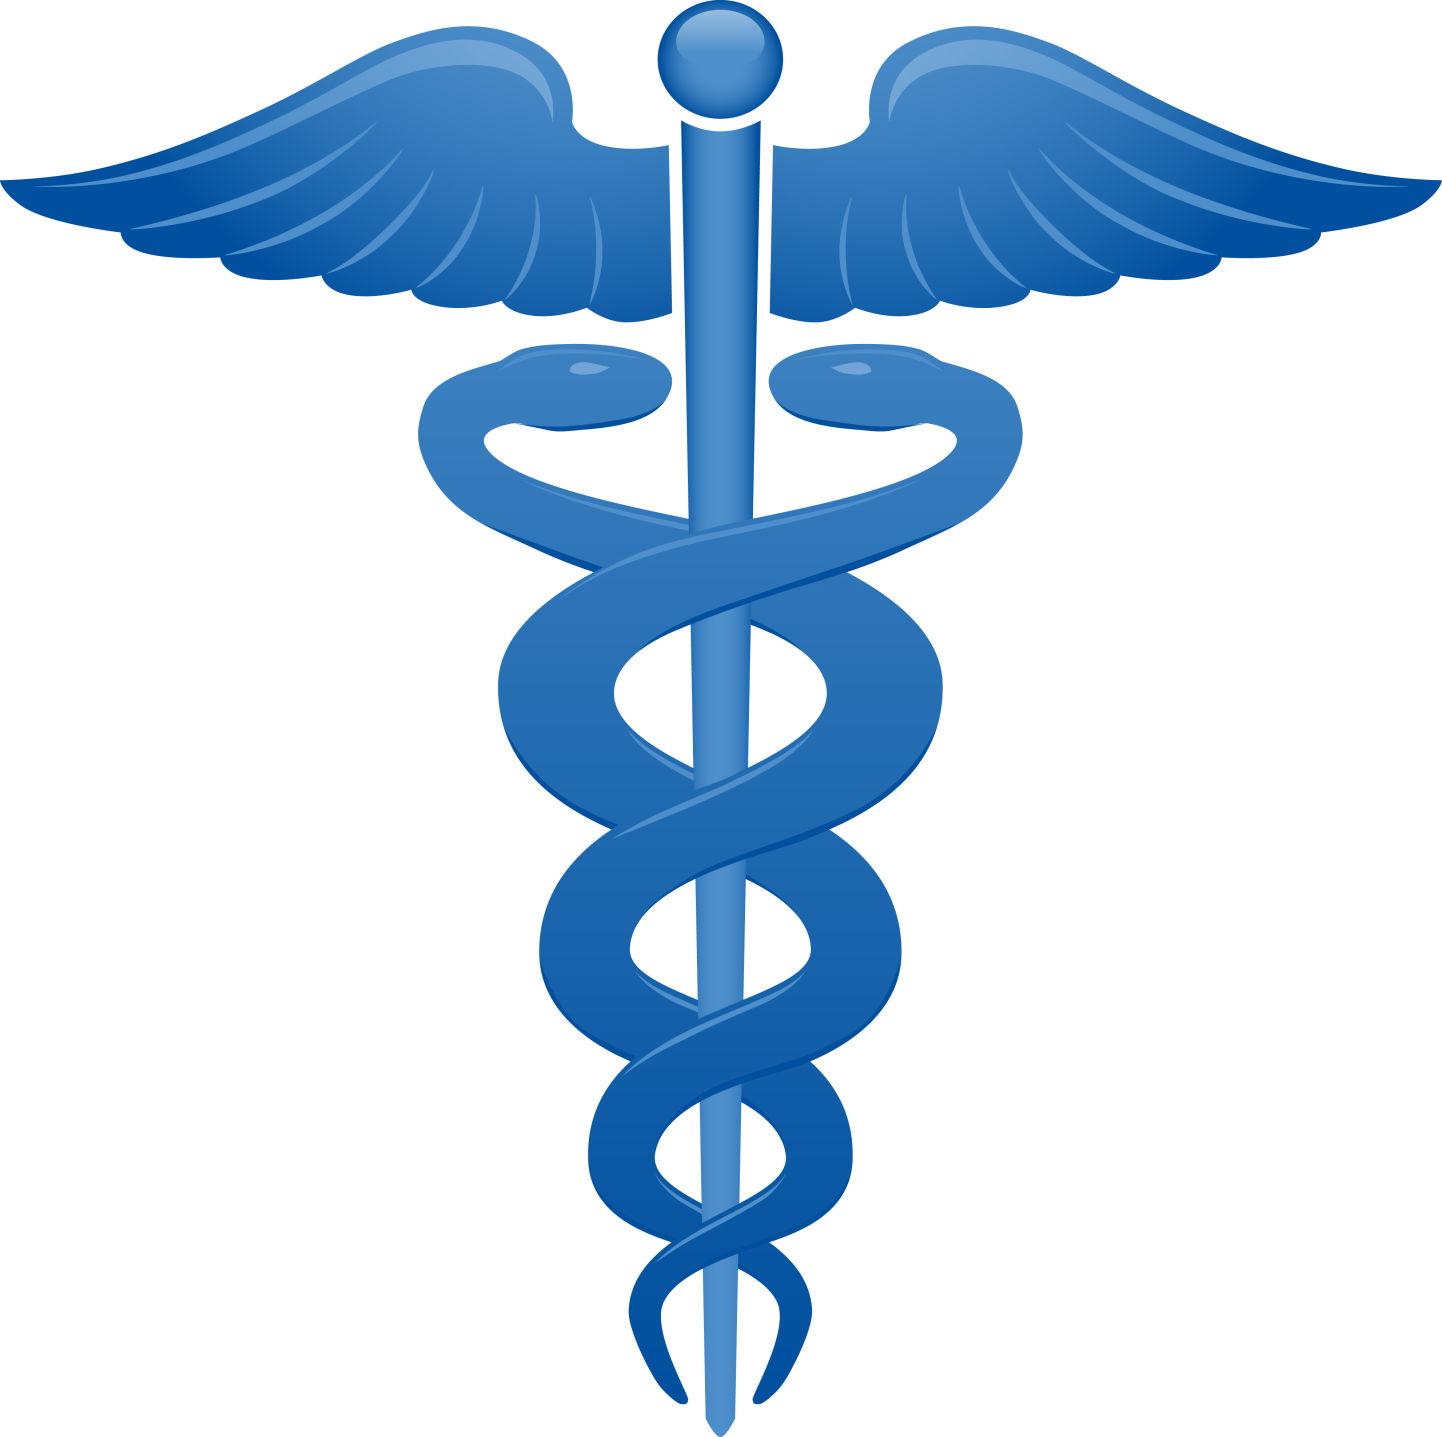 सुंदर व निरोगी त्वचेसाठी सकस आहाराची गरज- डॉ. सुहास माटे